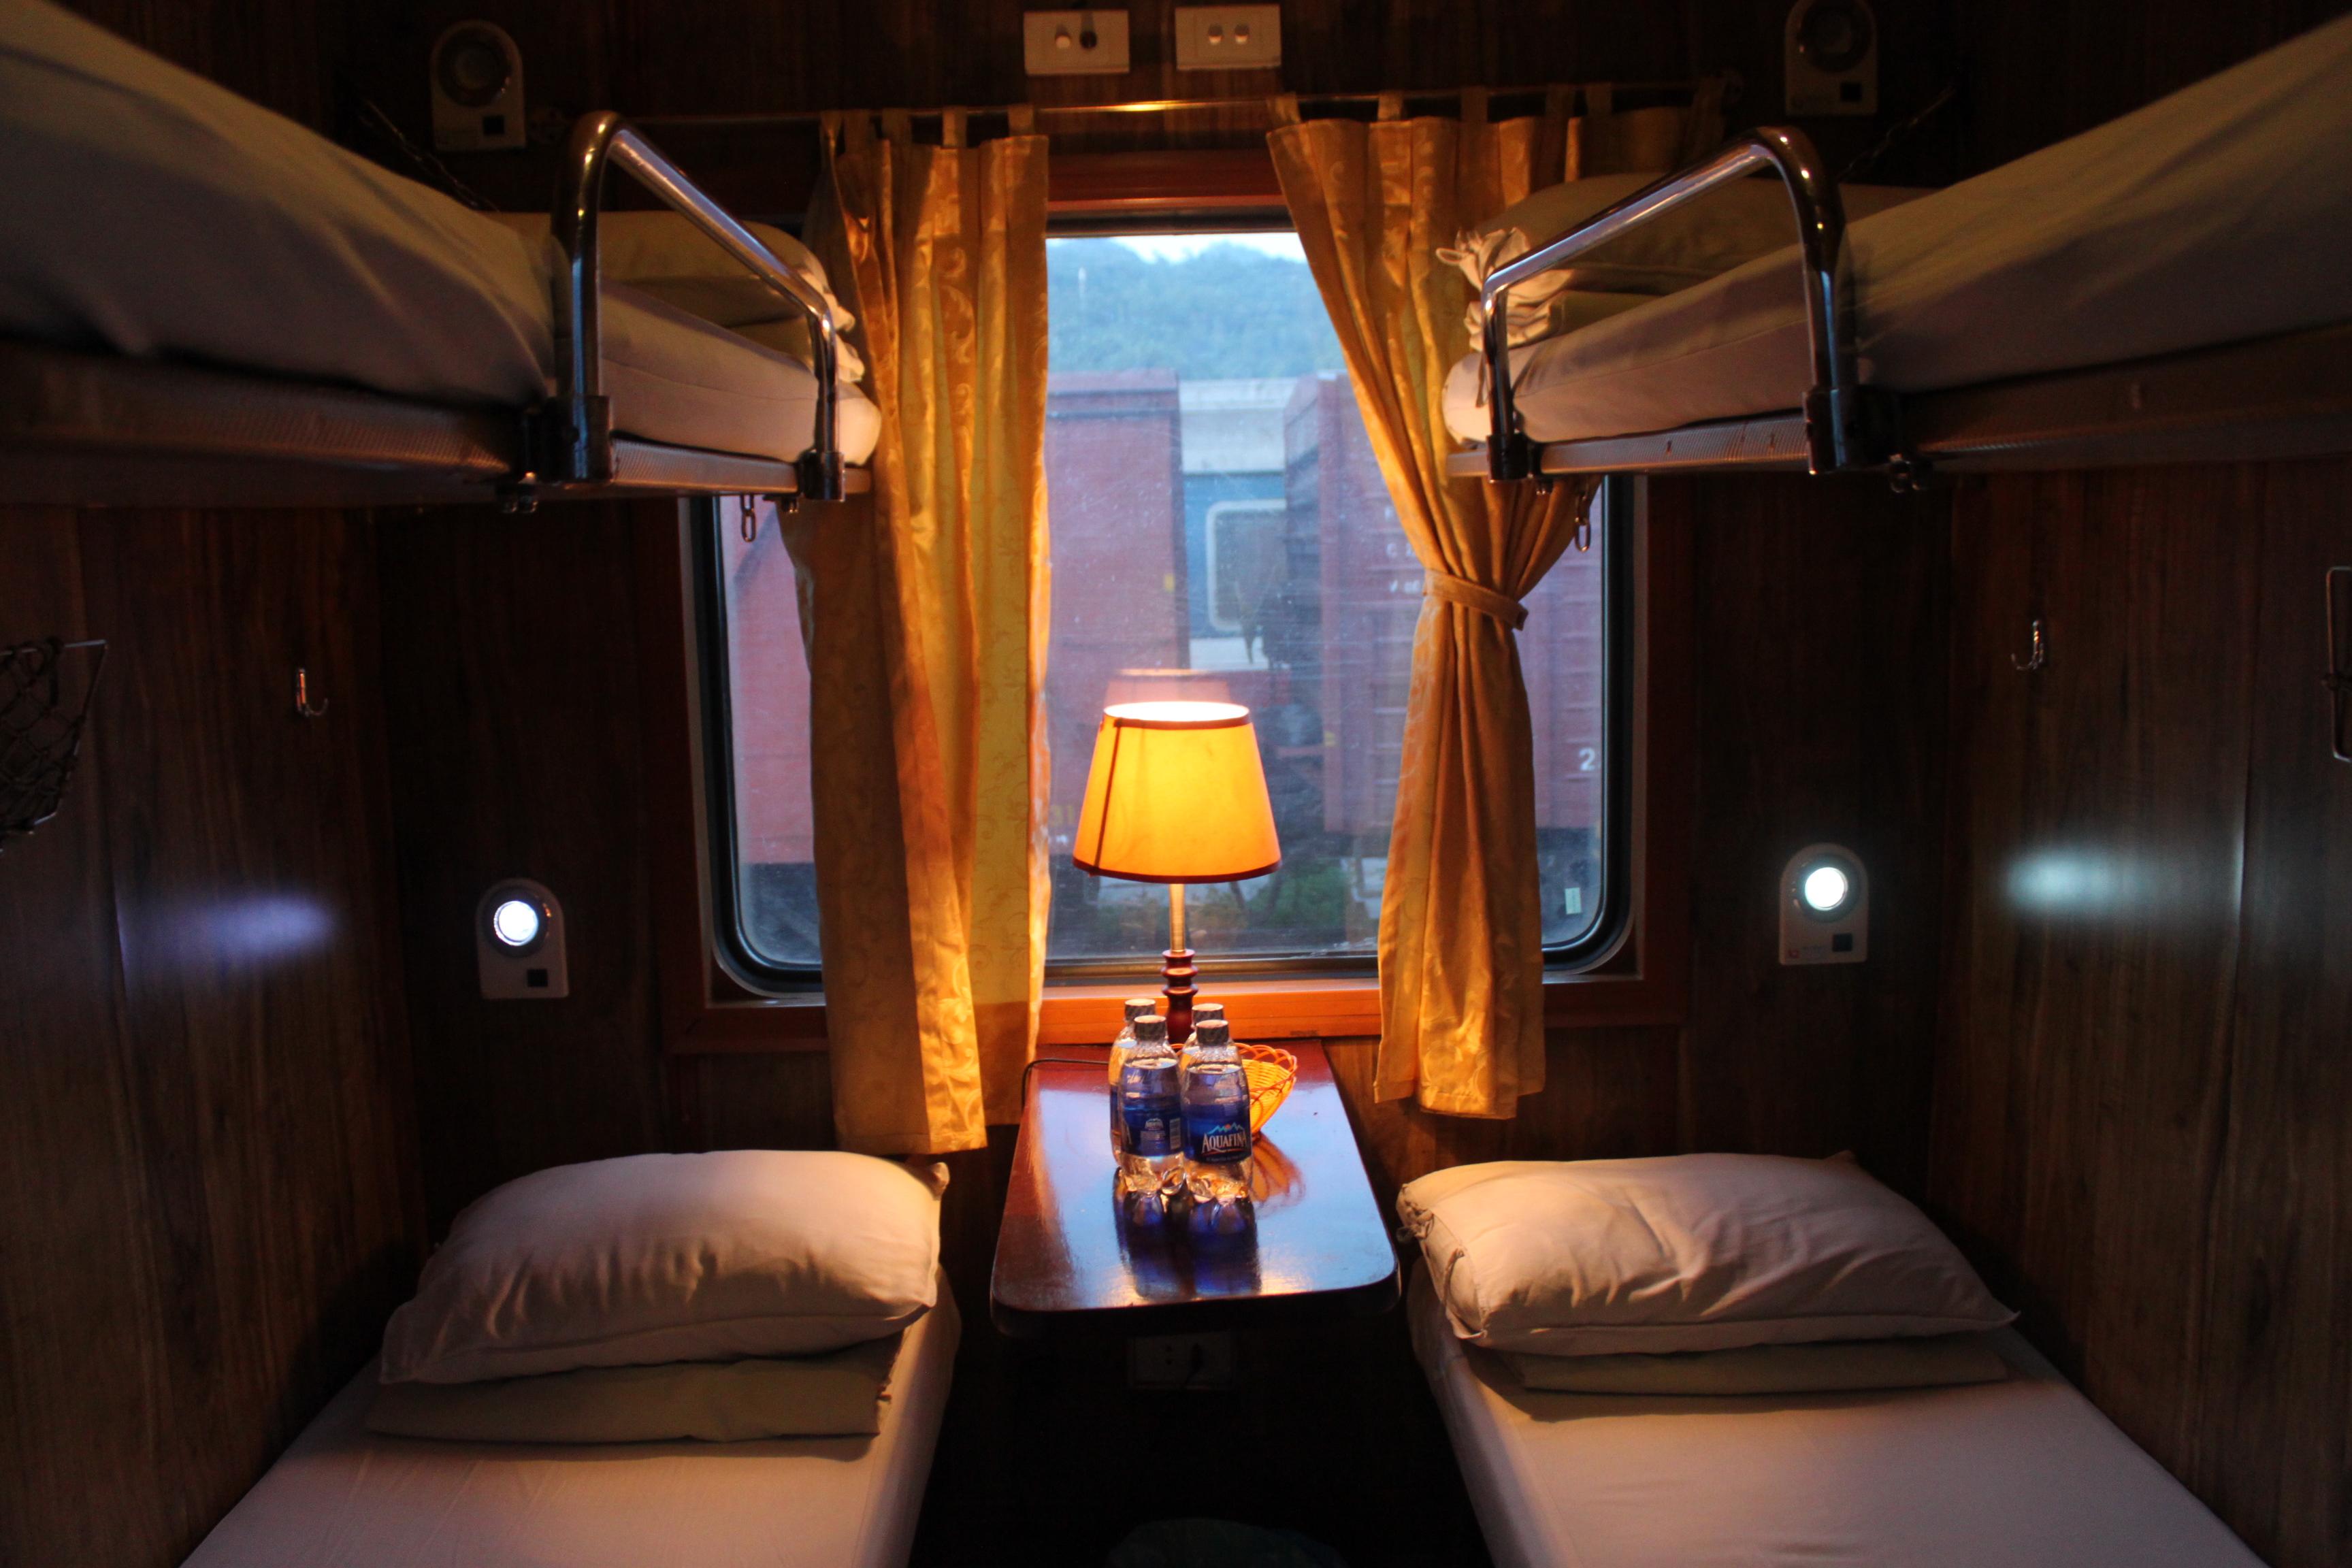 Il treno notturno, ma vi giuro che in foto viene meglio